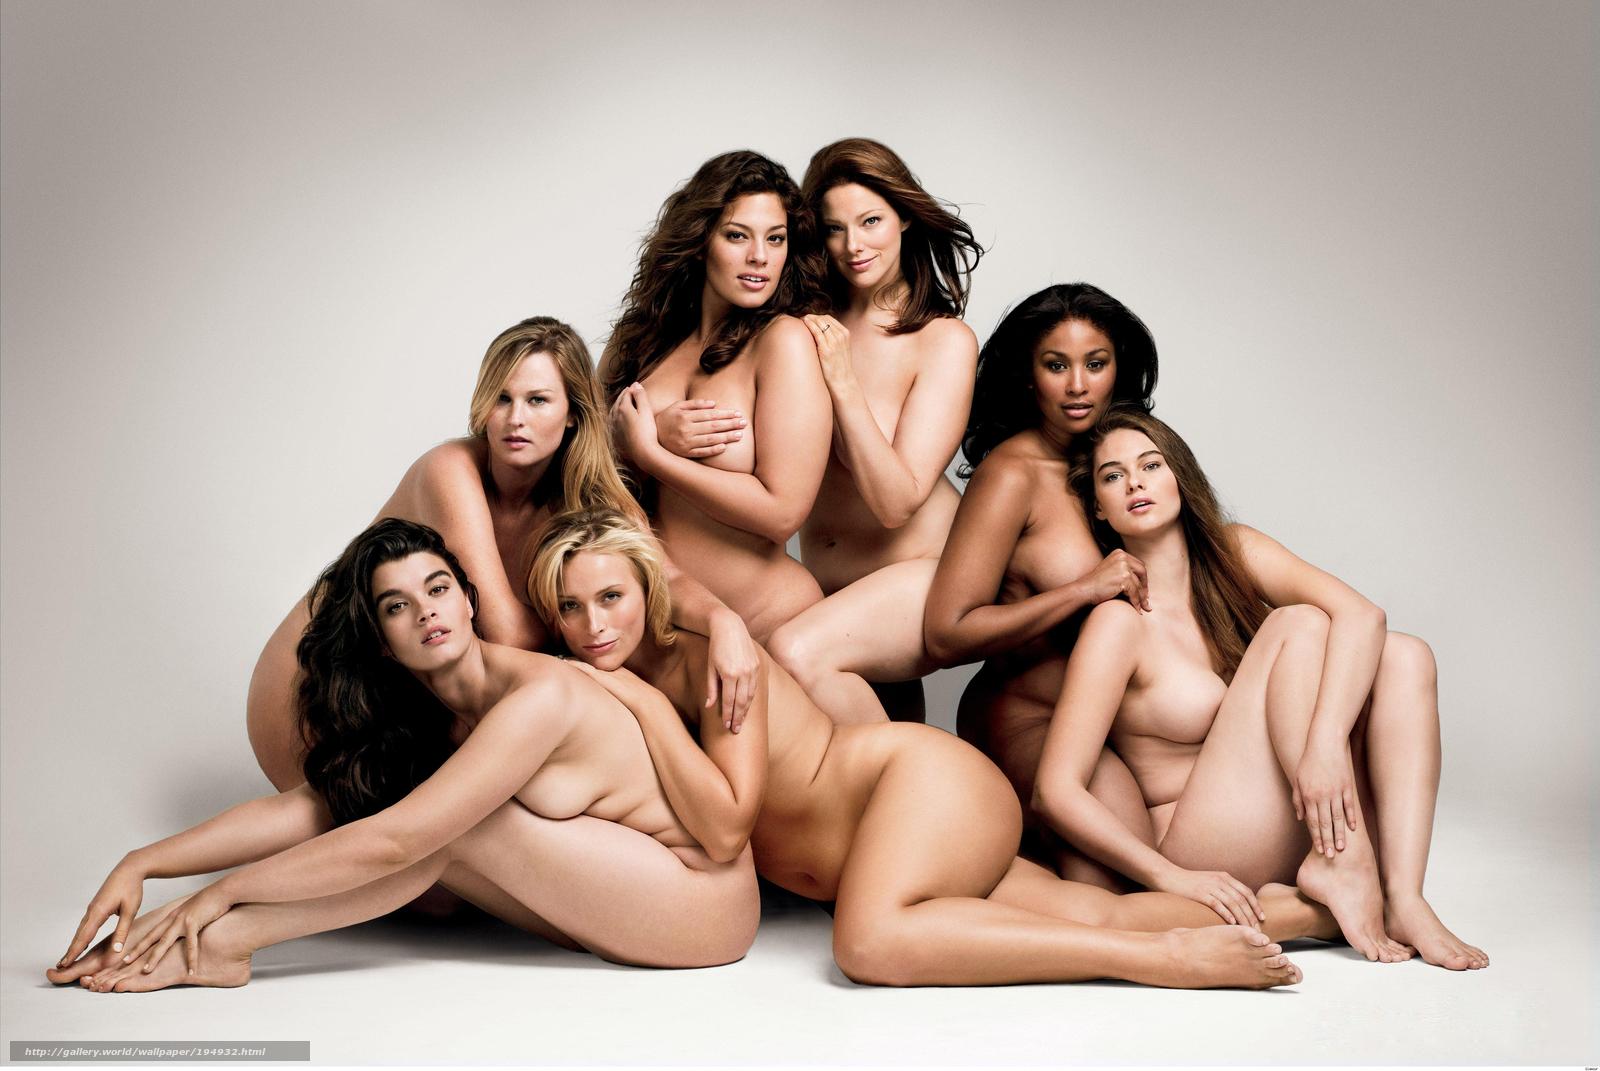 Самые красивые девушки мира в порно индустрии 18 фотография